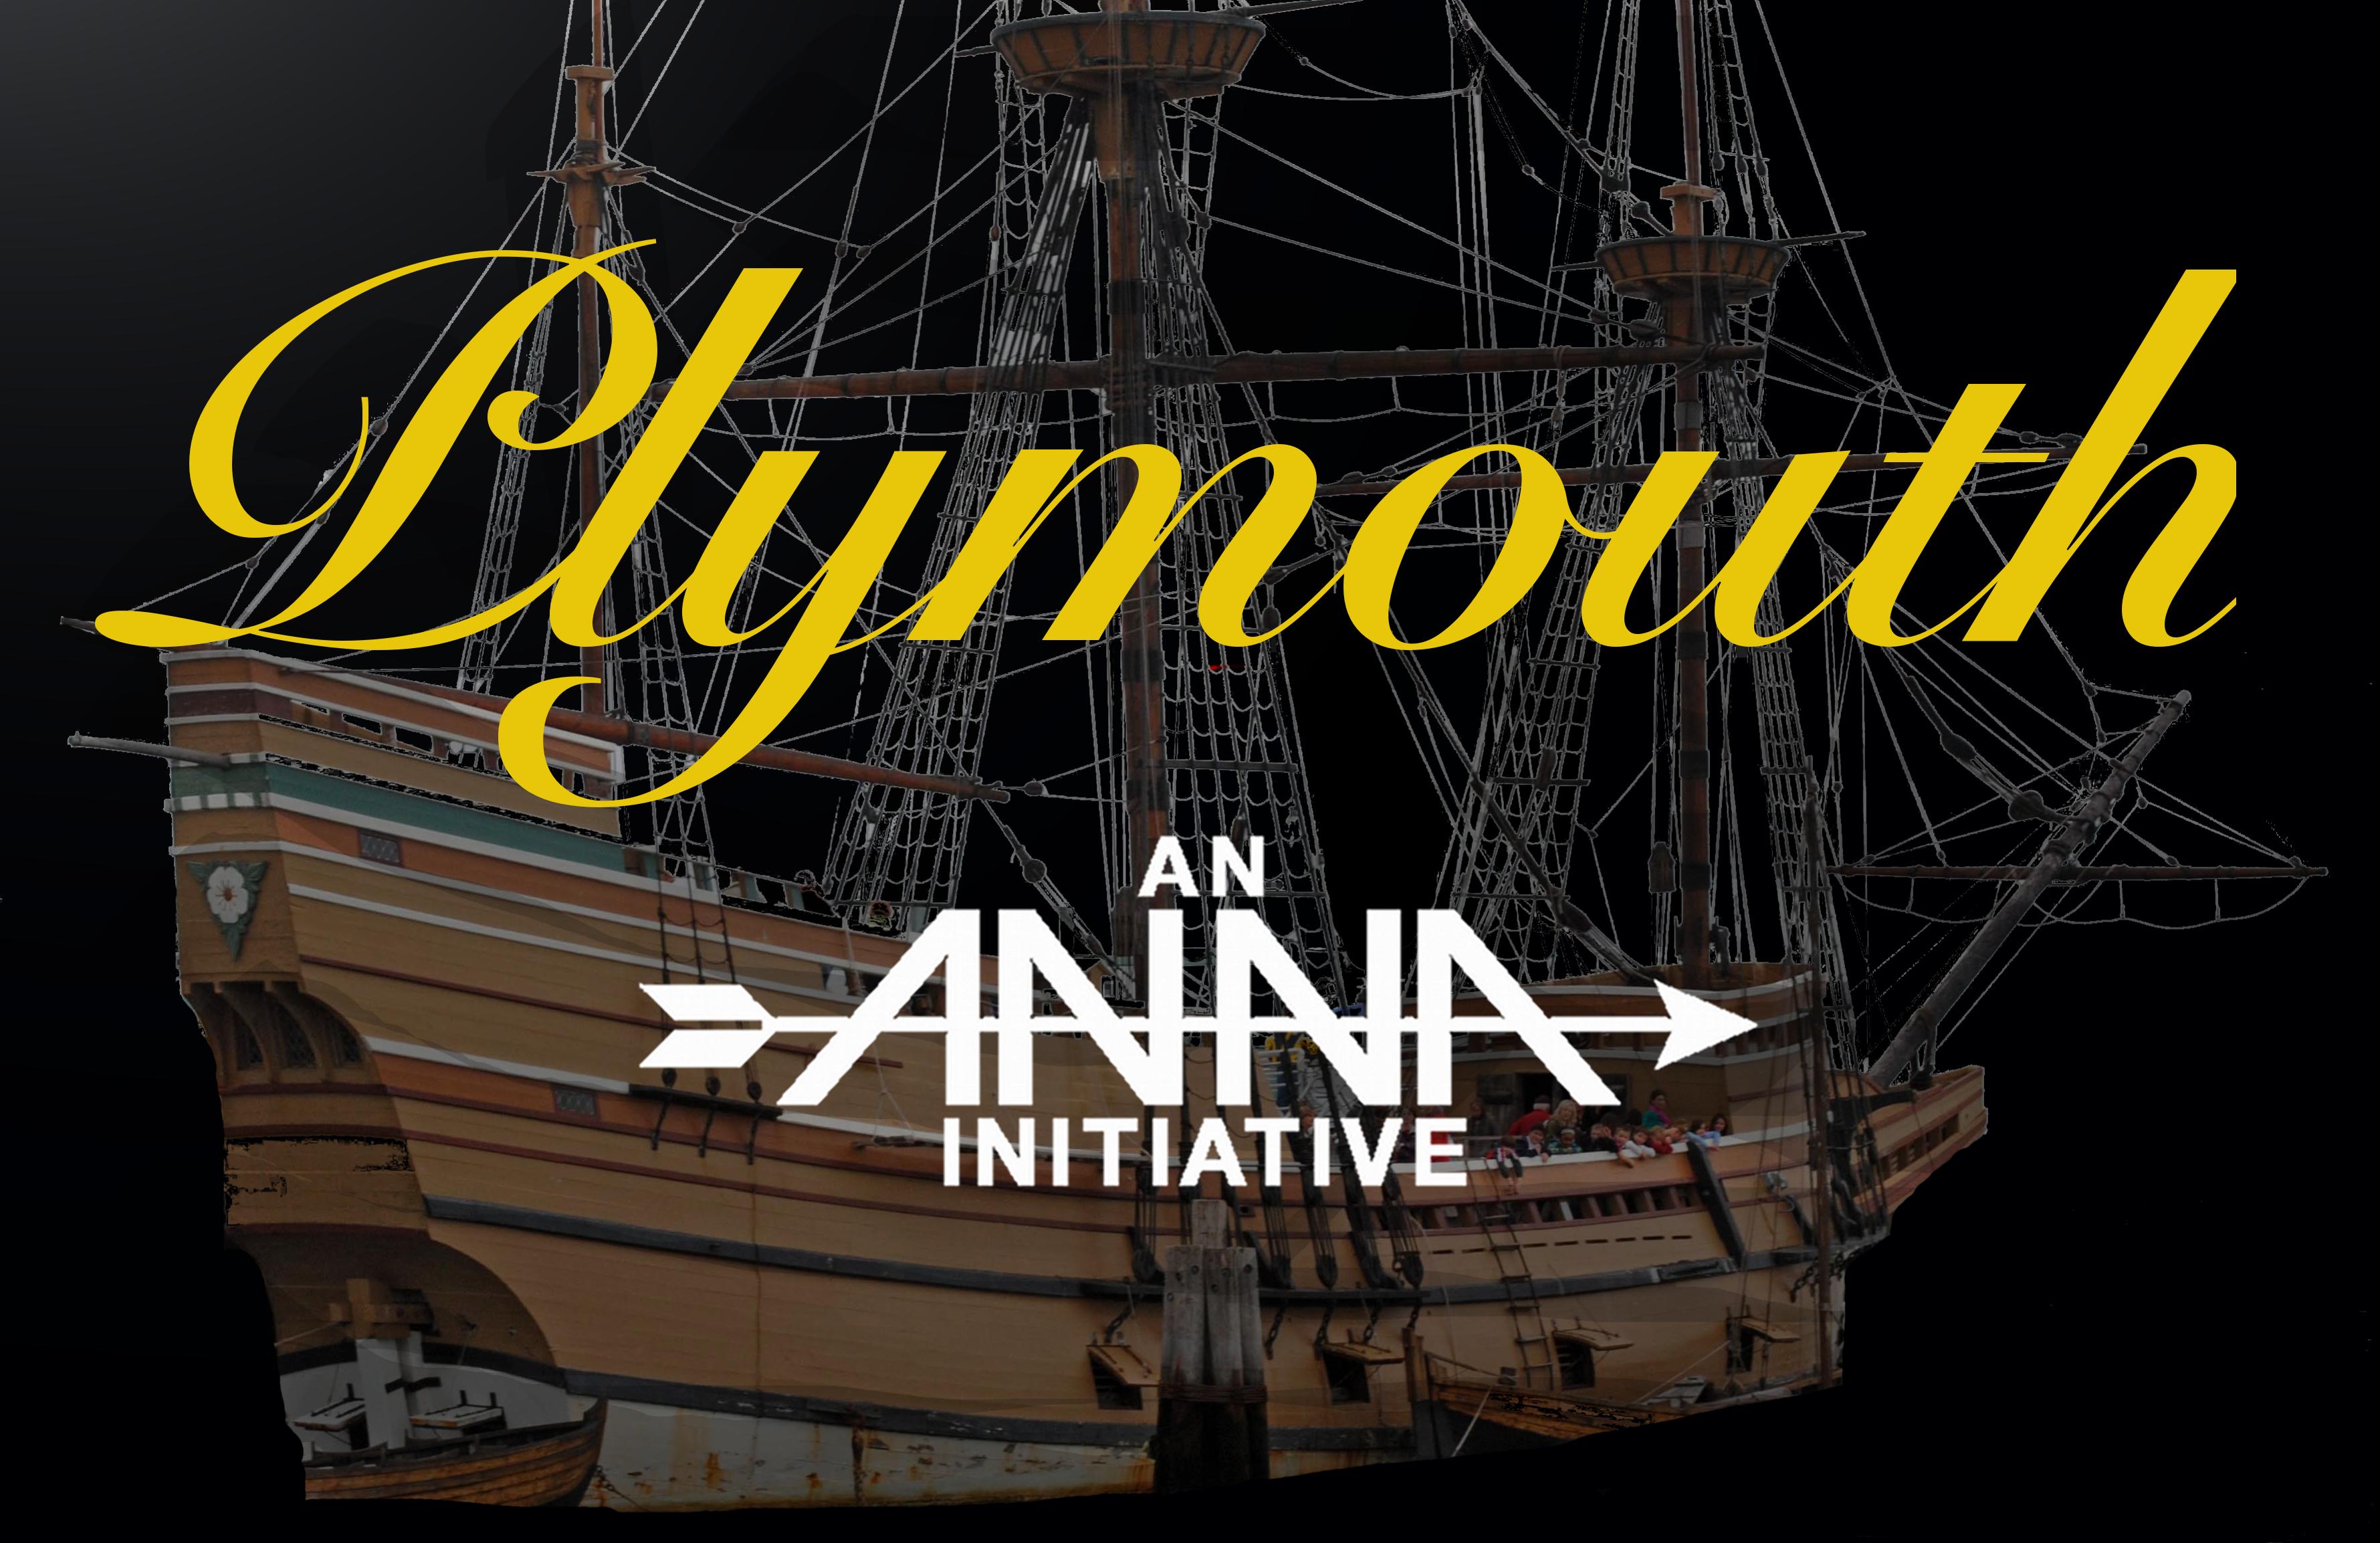 ANNA at Plymouth